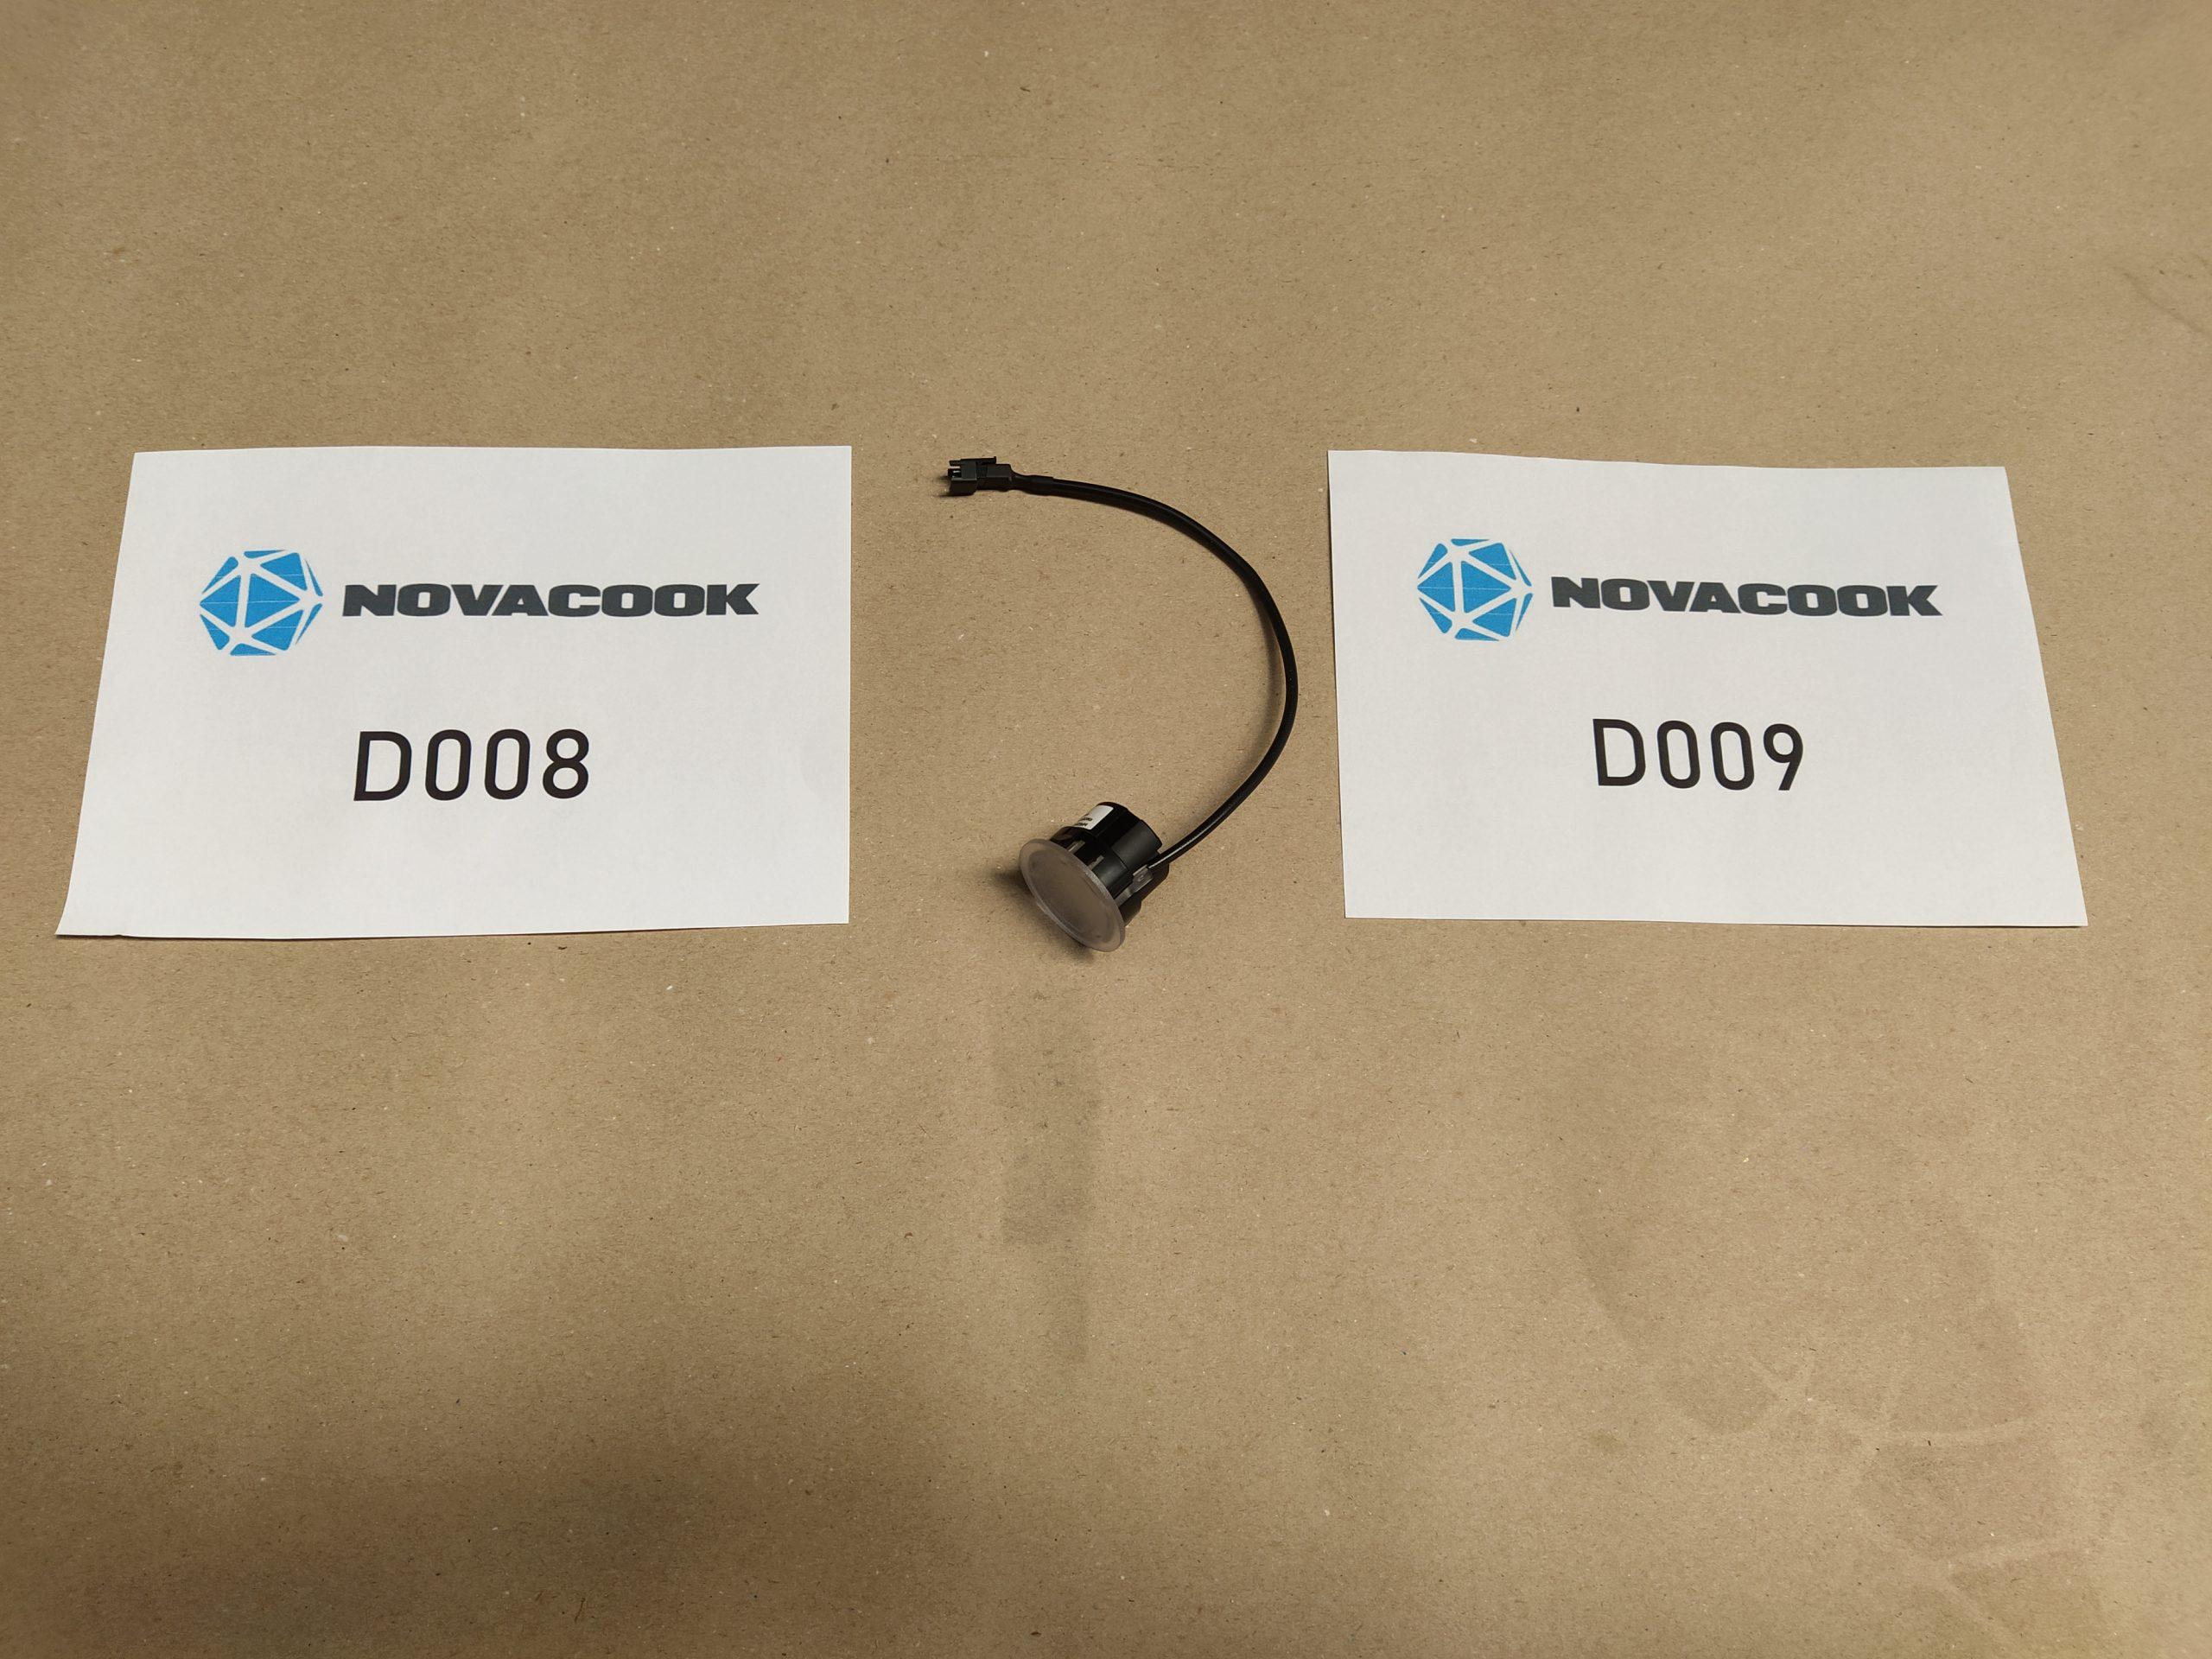 Led lámpa (D008 és D009 szagelszívóhoz)